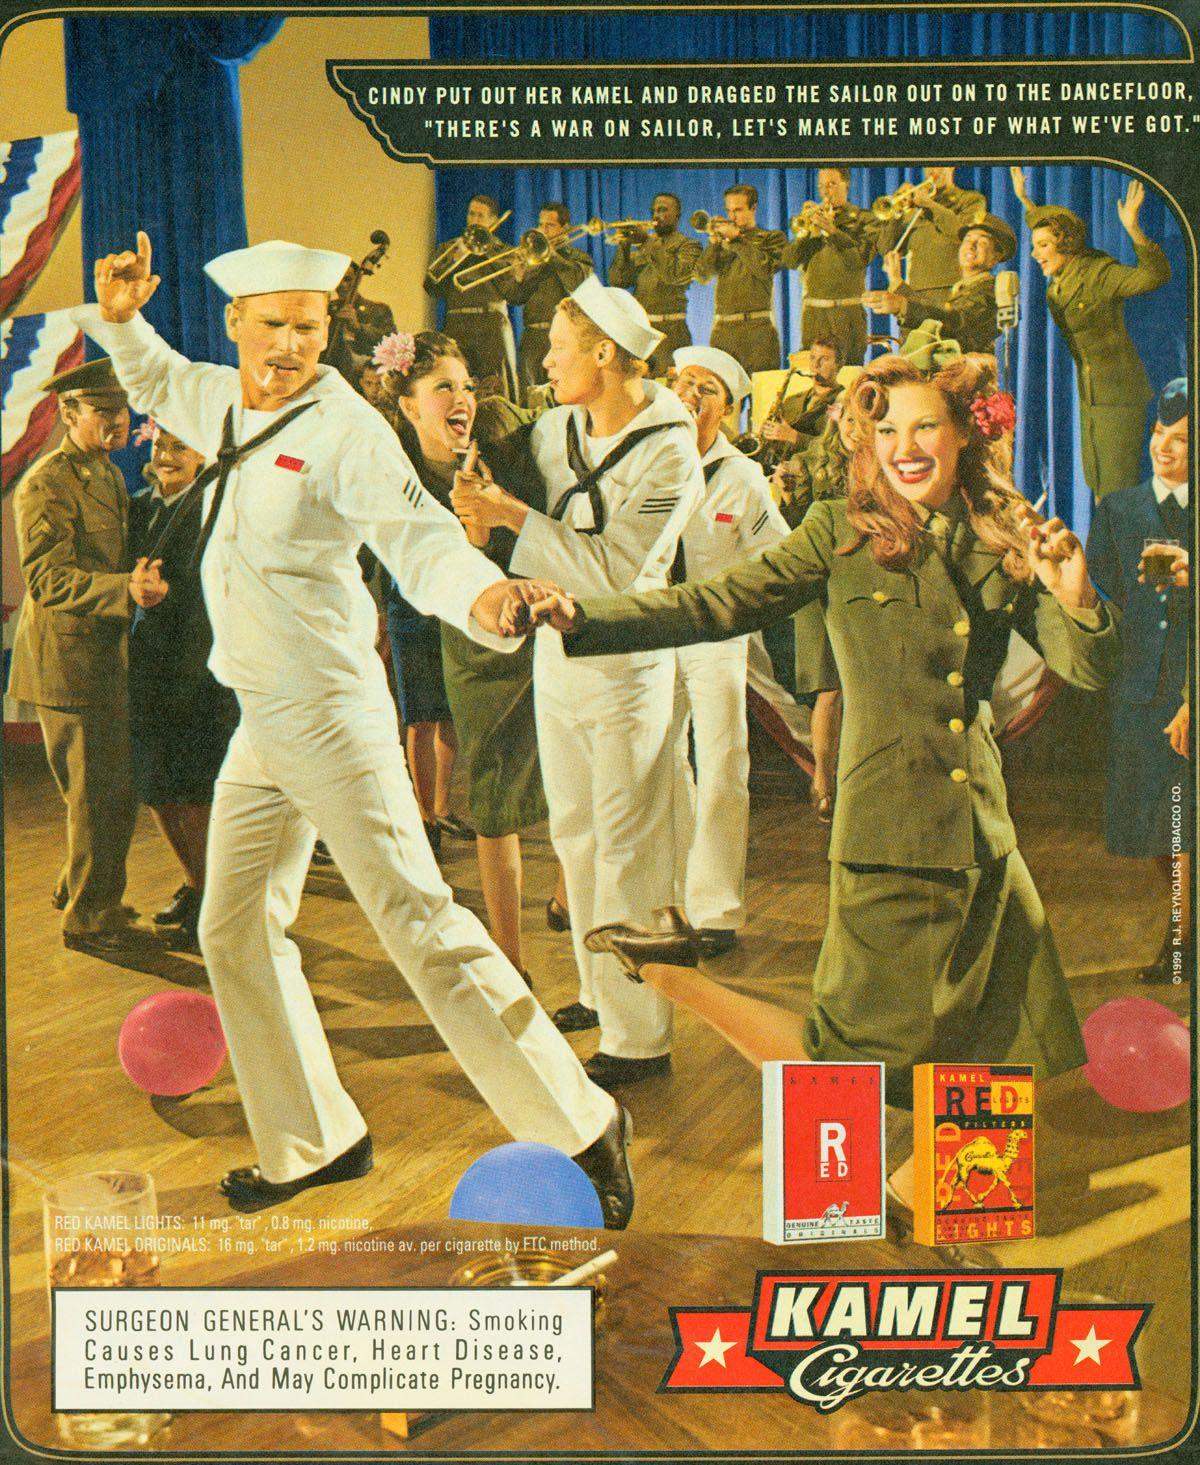 Kamel Cigarettes Poster Vintage  tobacco_ads @alikarami_    #vintage #ad #cigarette #tobacco